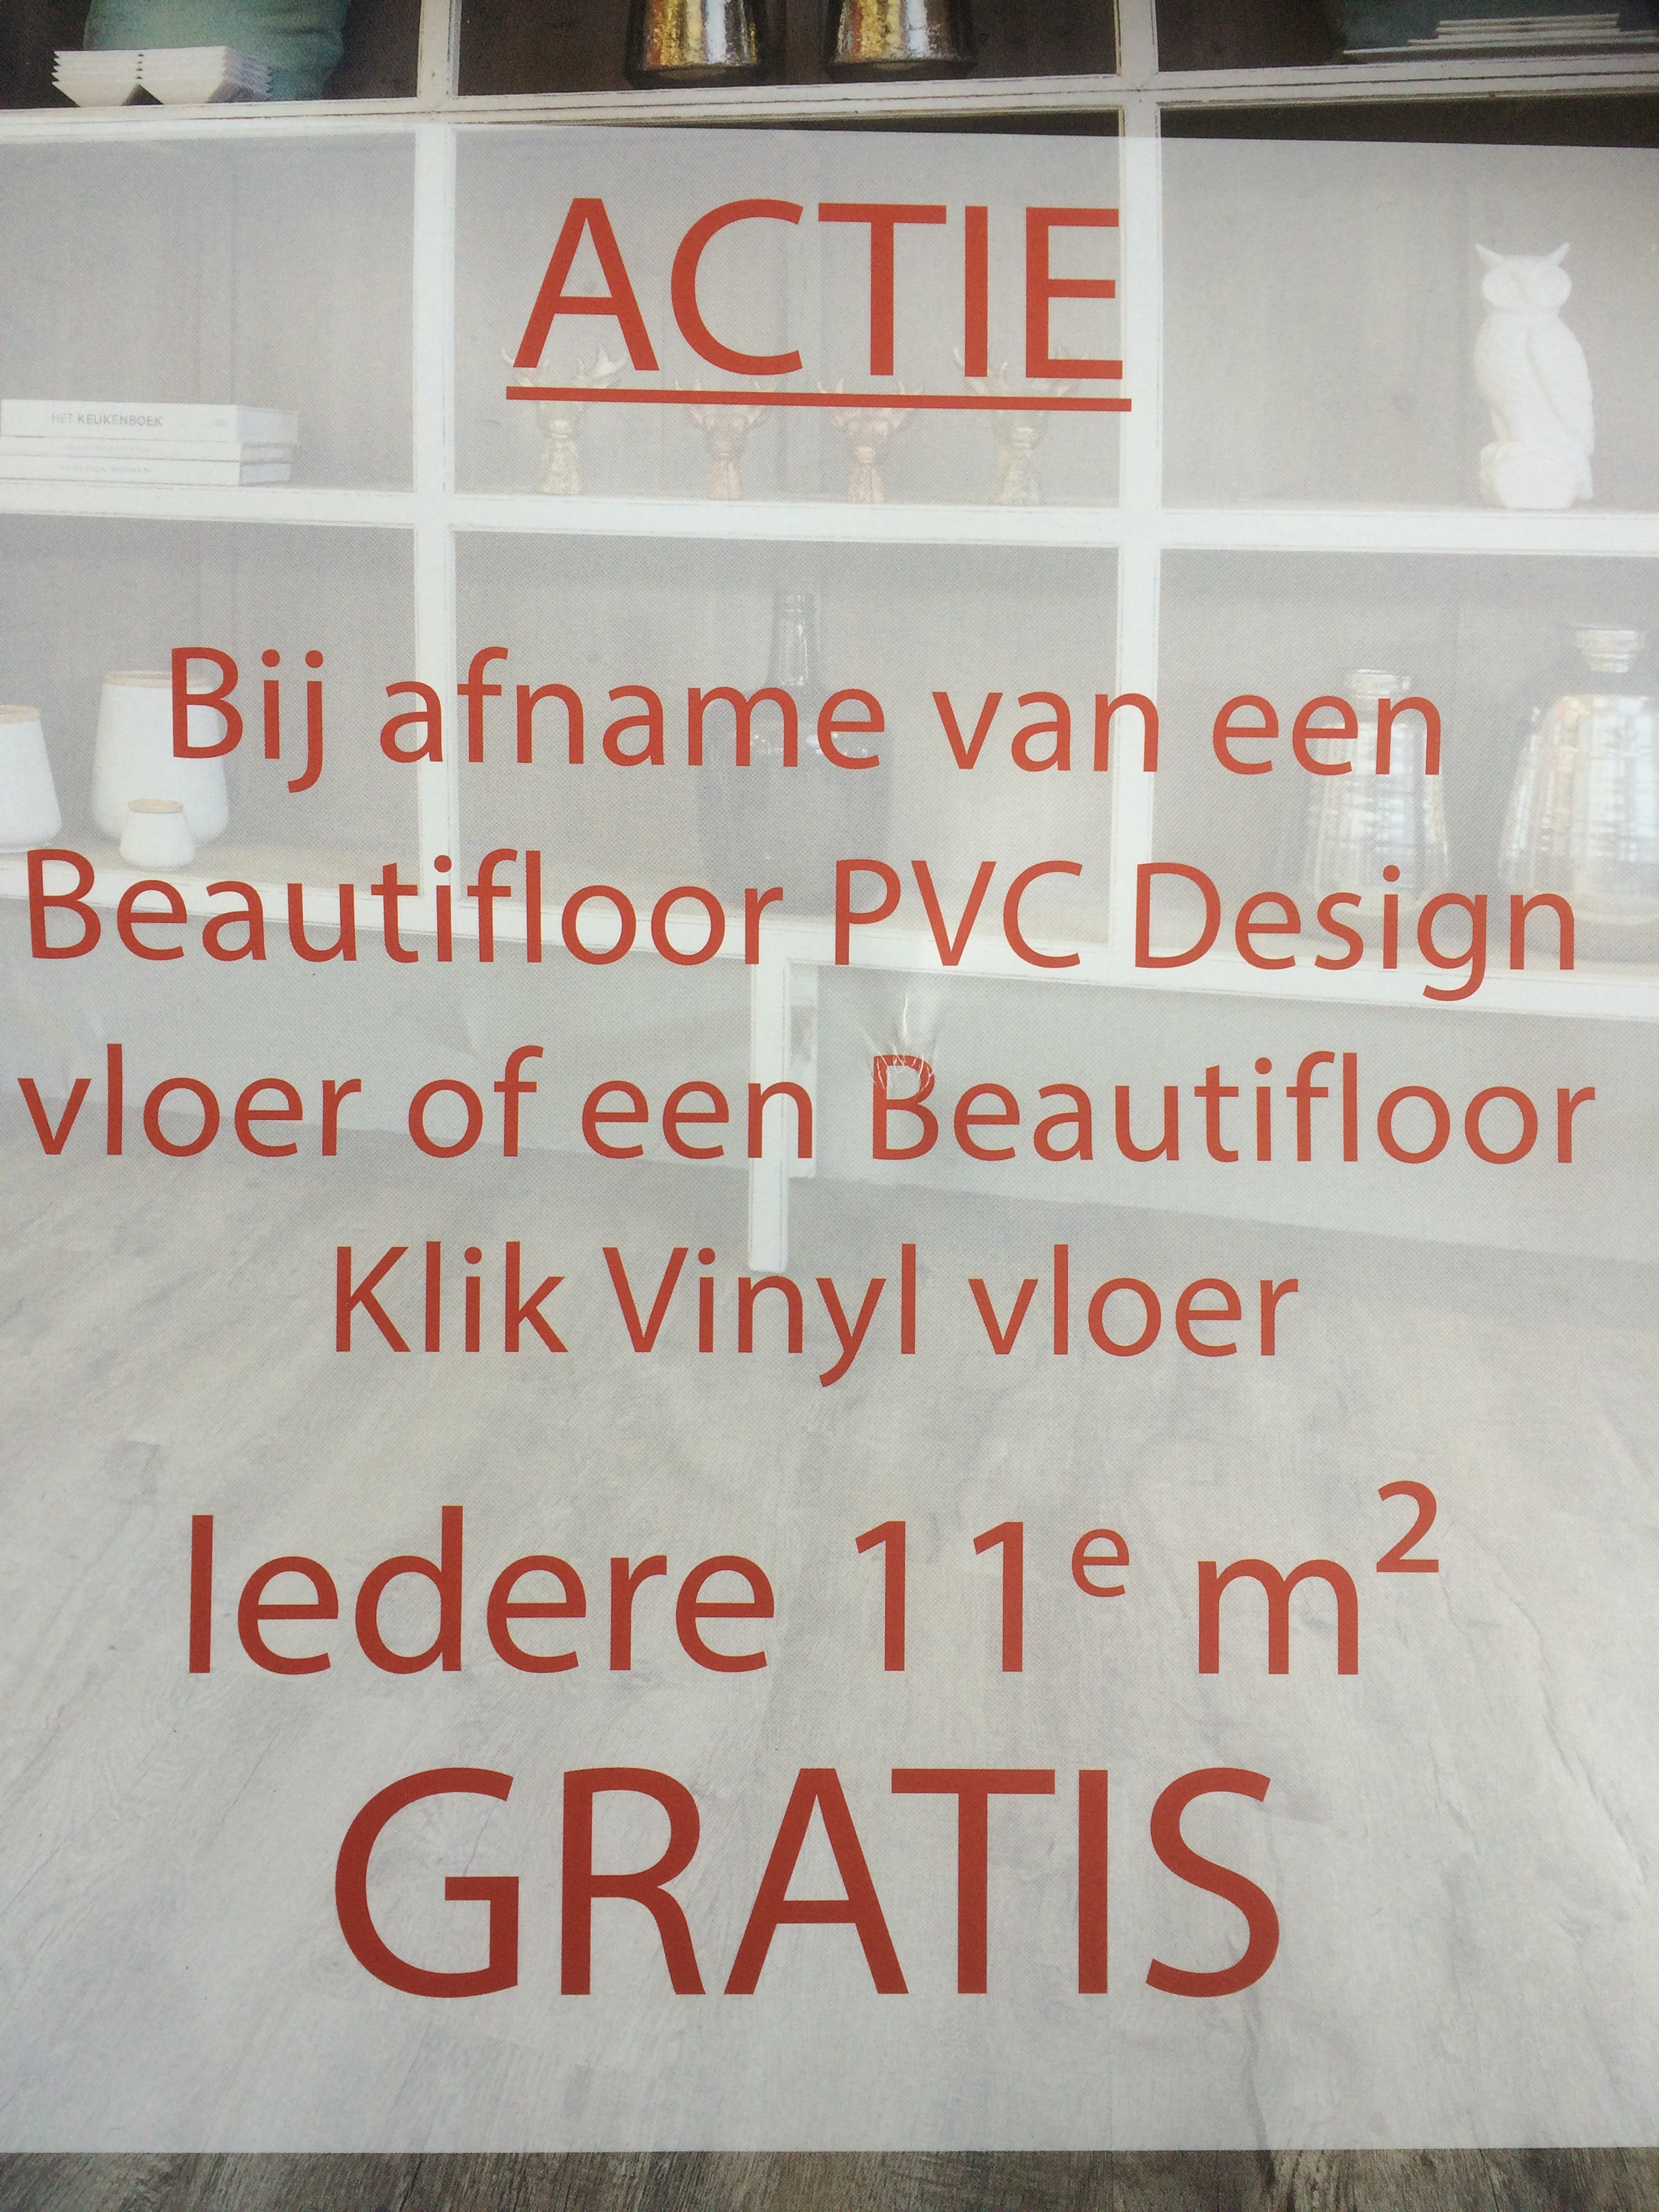 aanbieding beautyfloor klik vinyl en beautyfloor design pvc van